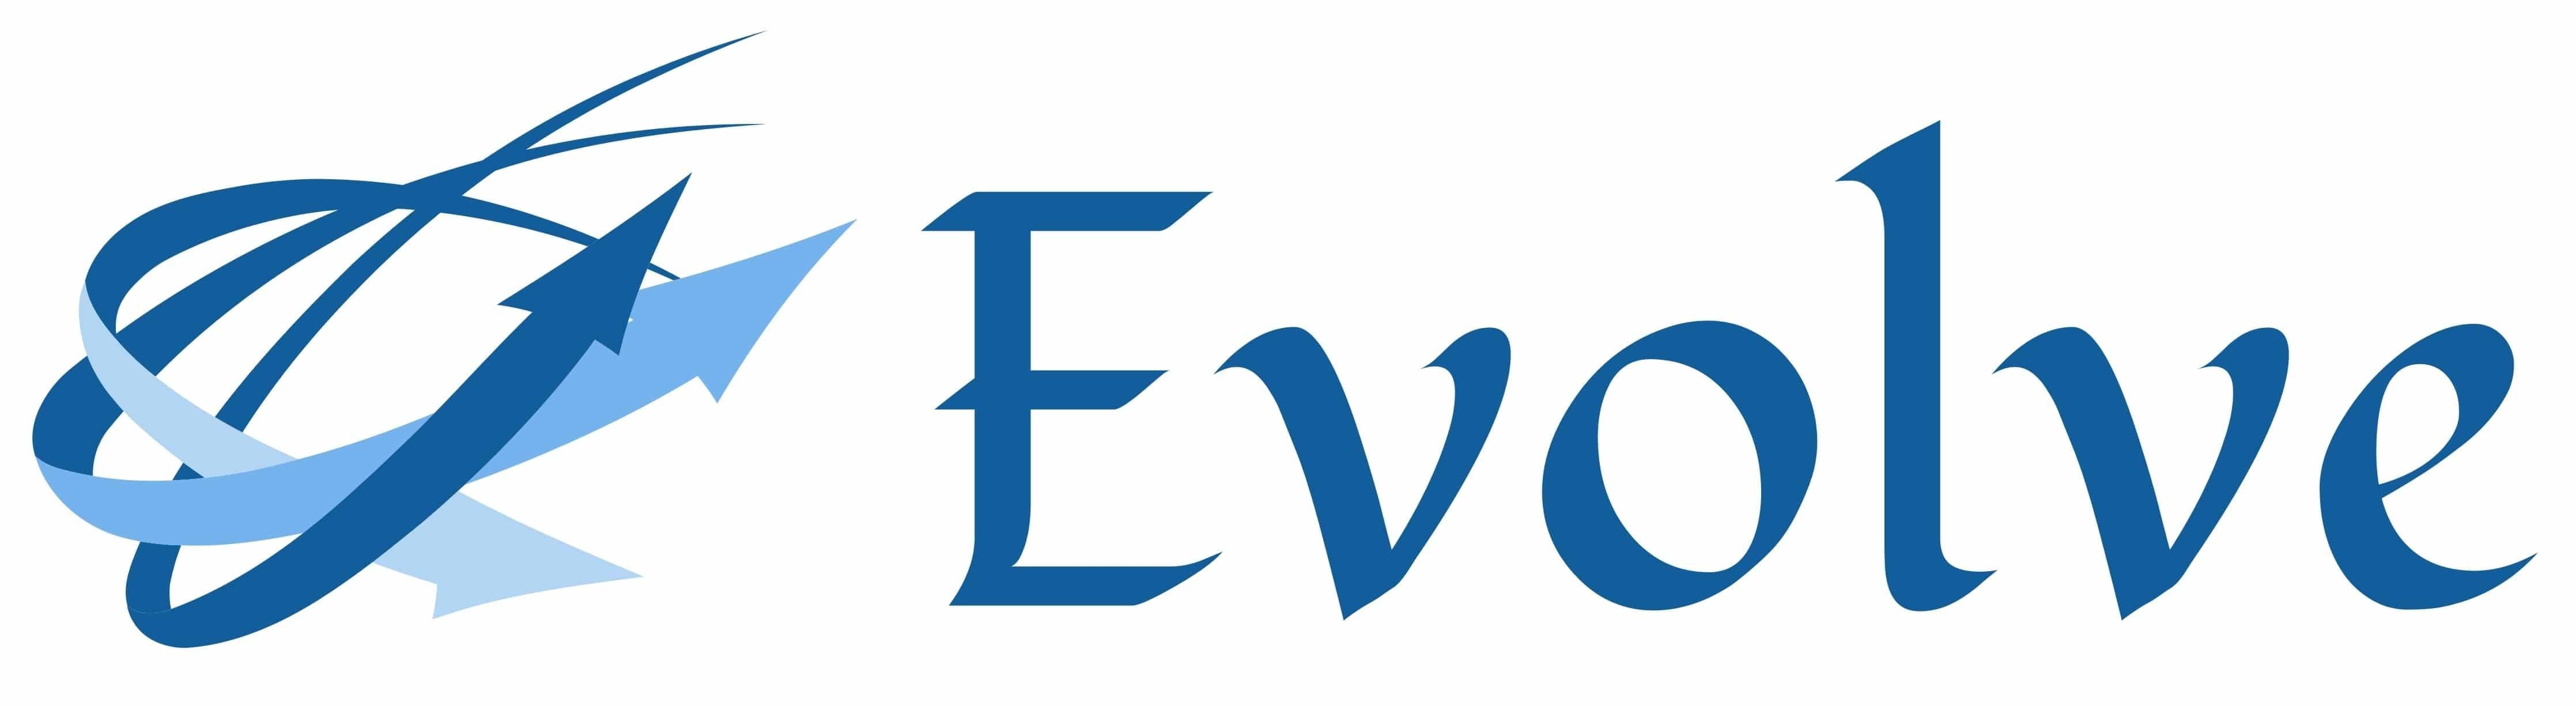 Evolve - e-marketing Poznań, marketing internetowy - kreatywny i skuteczny!